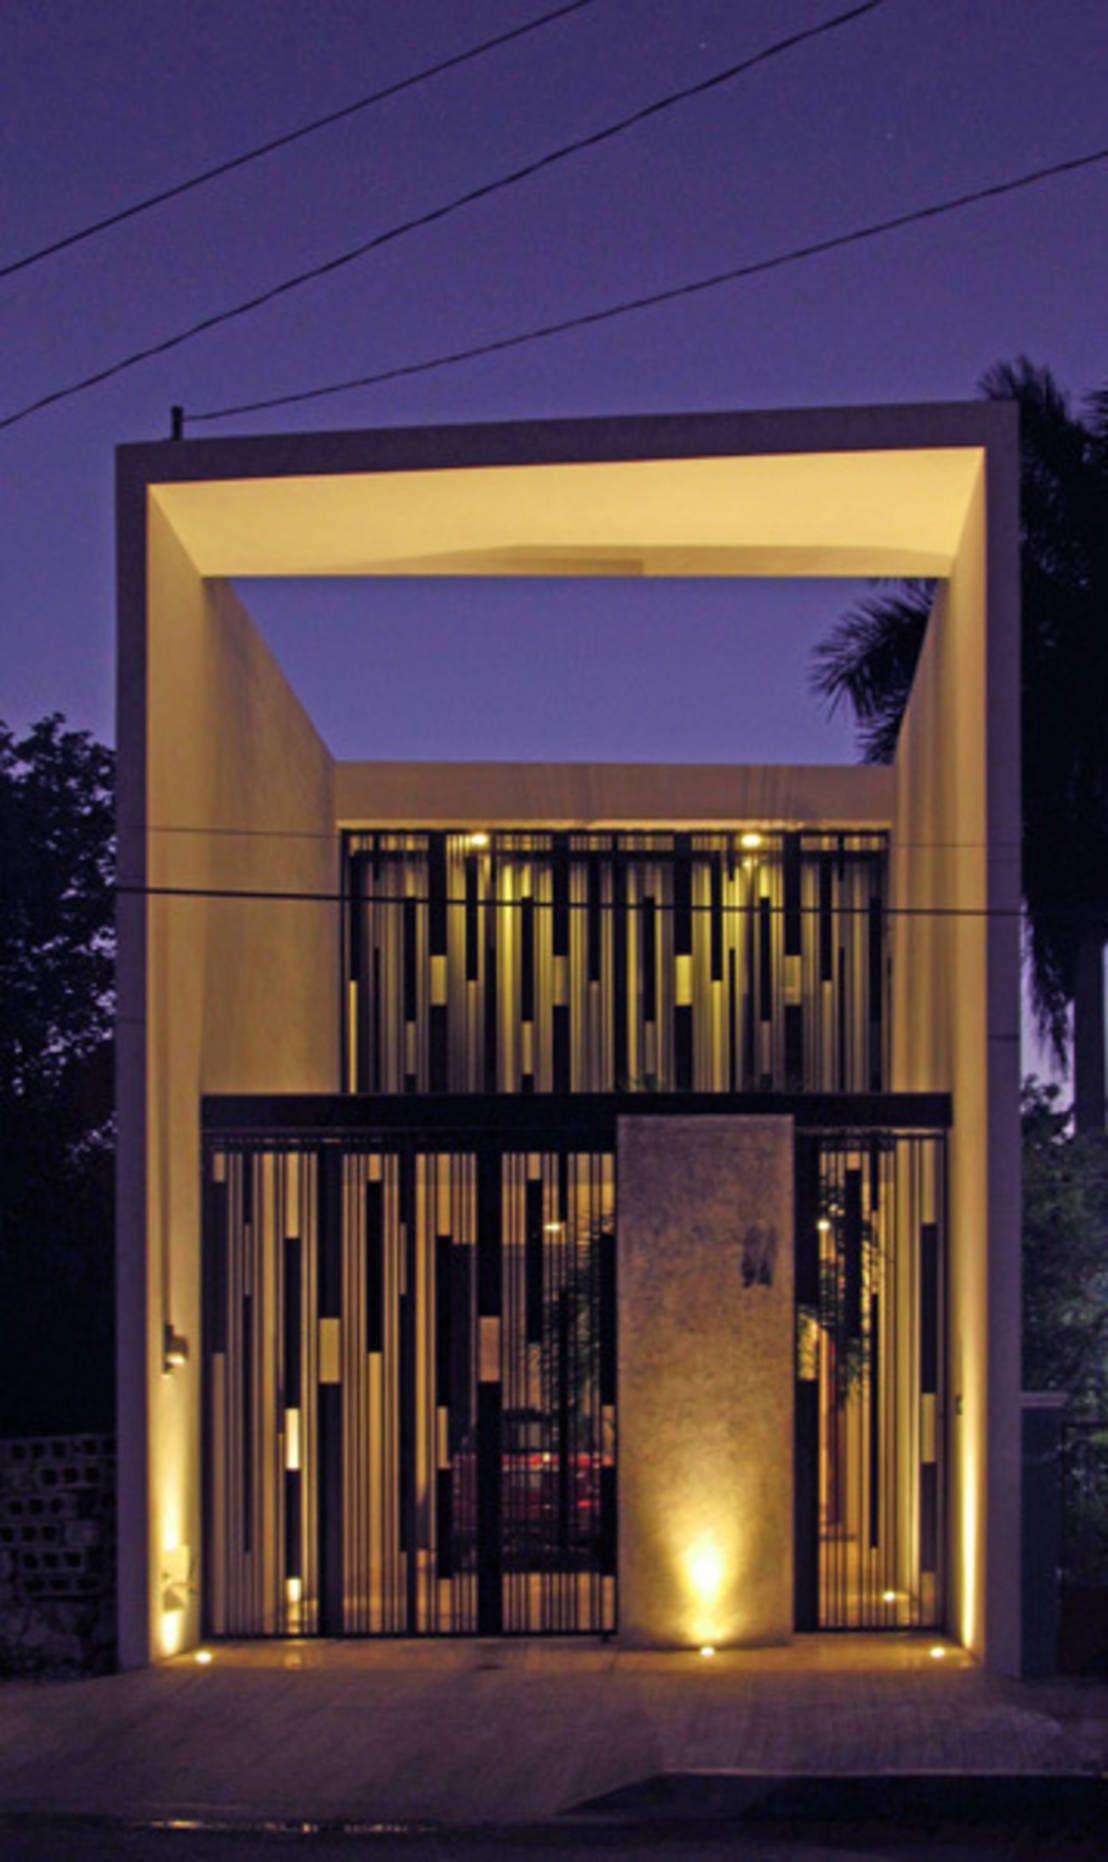 Casas peque as 8 fachadas sensacionales fachadas for Arquitectura casas pequenas